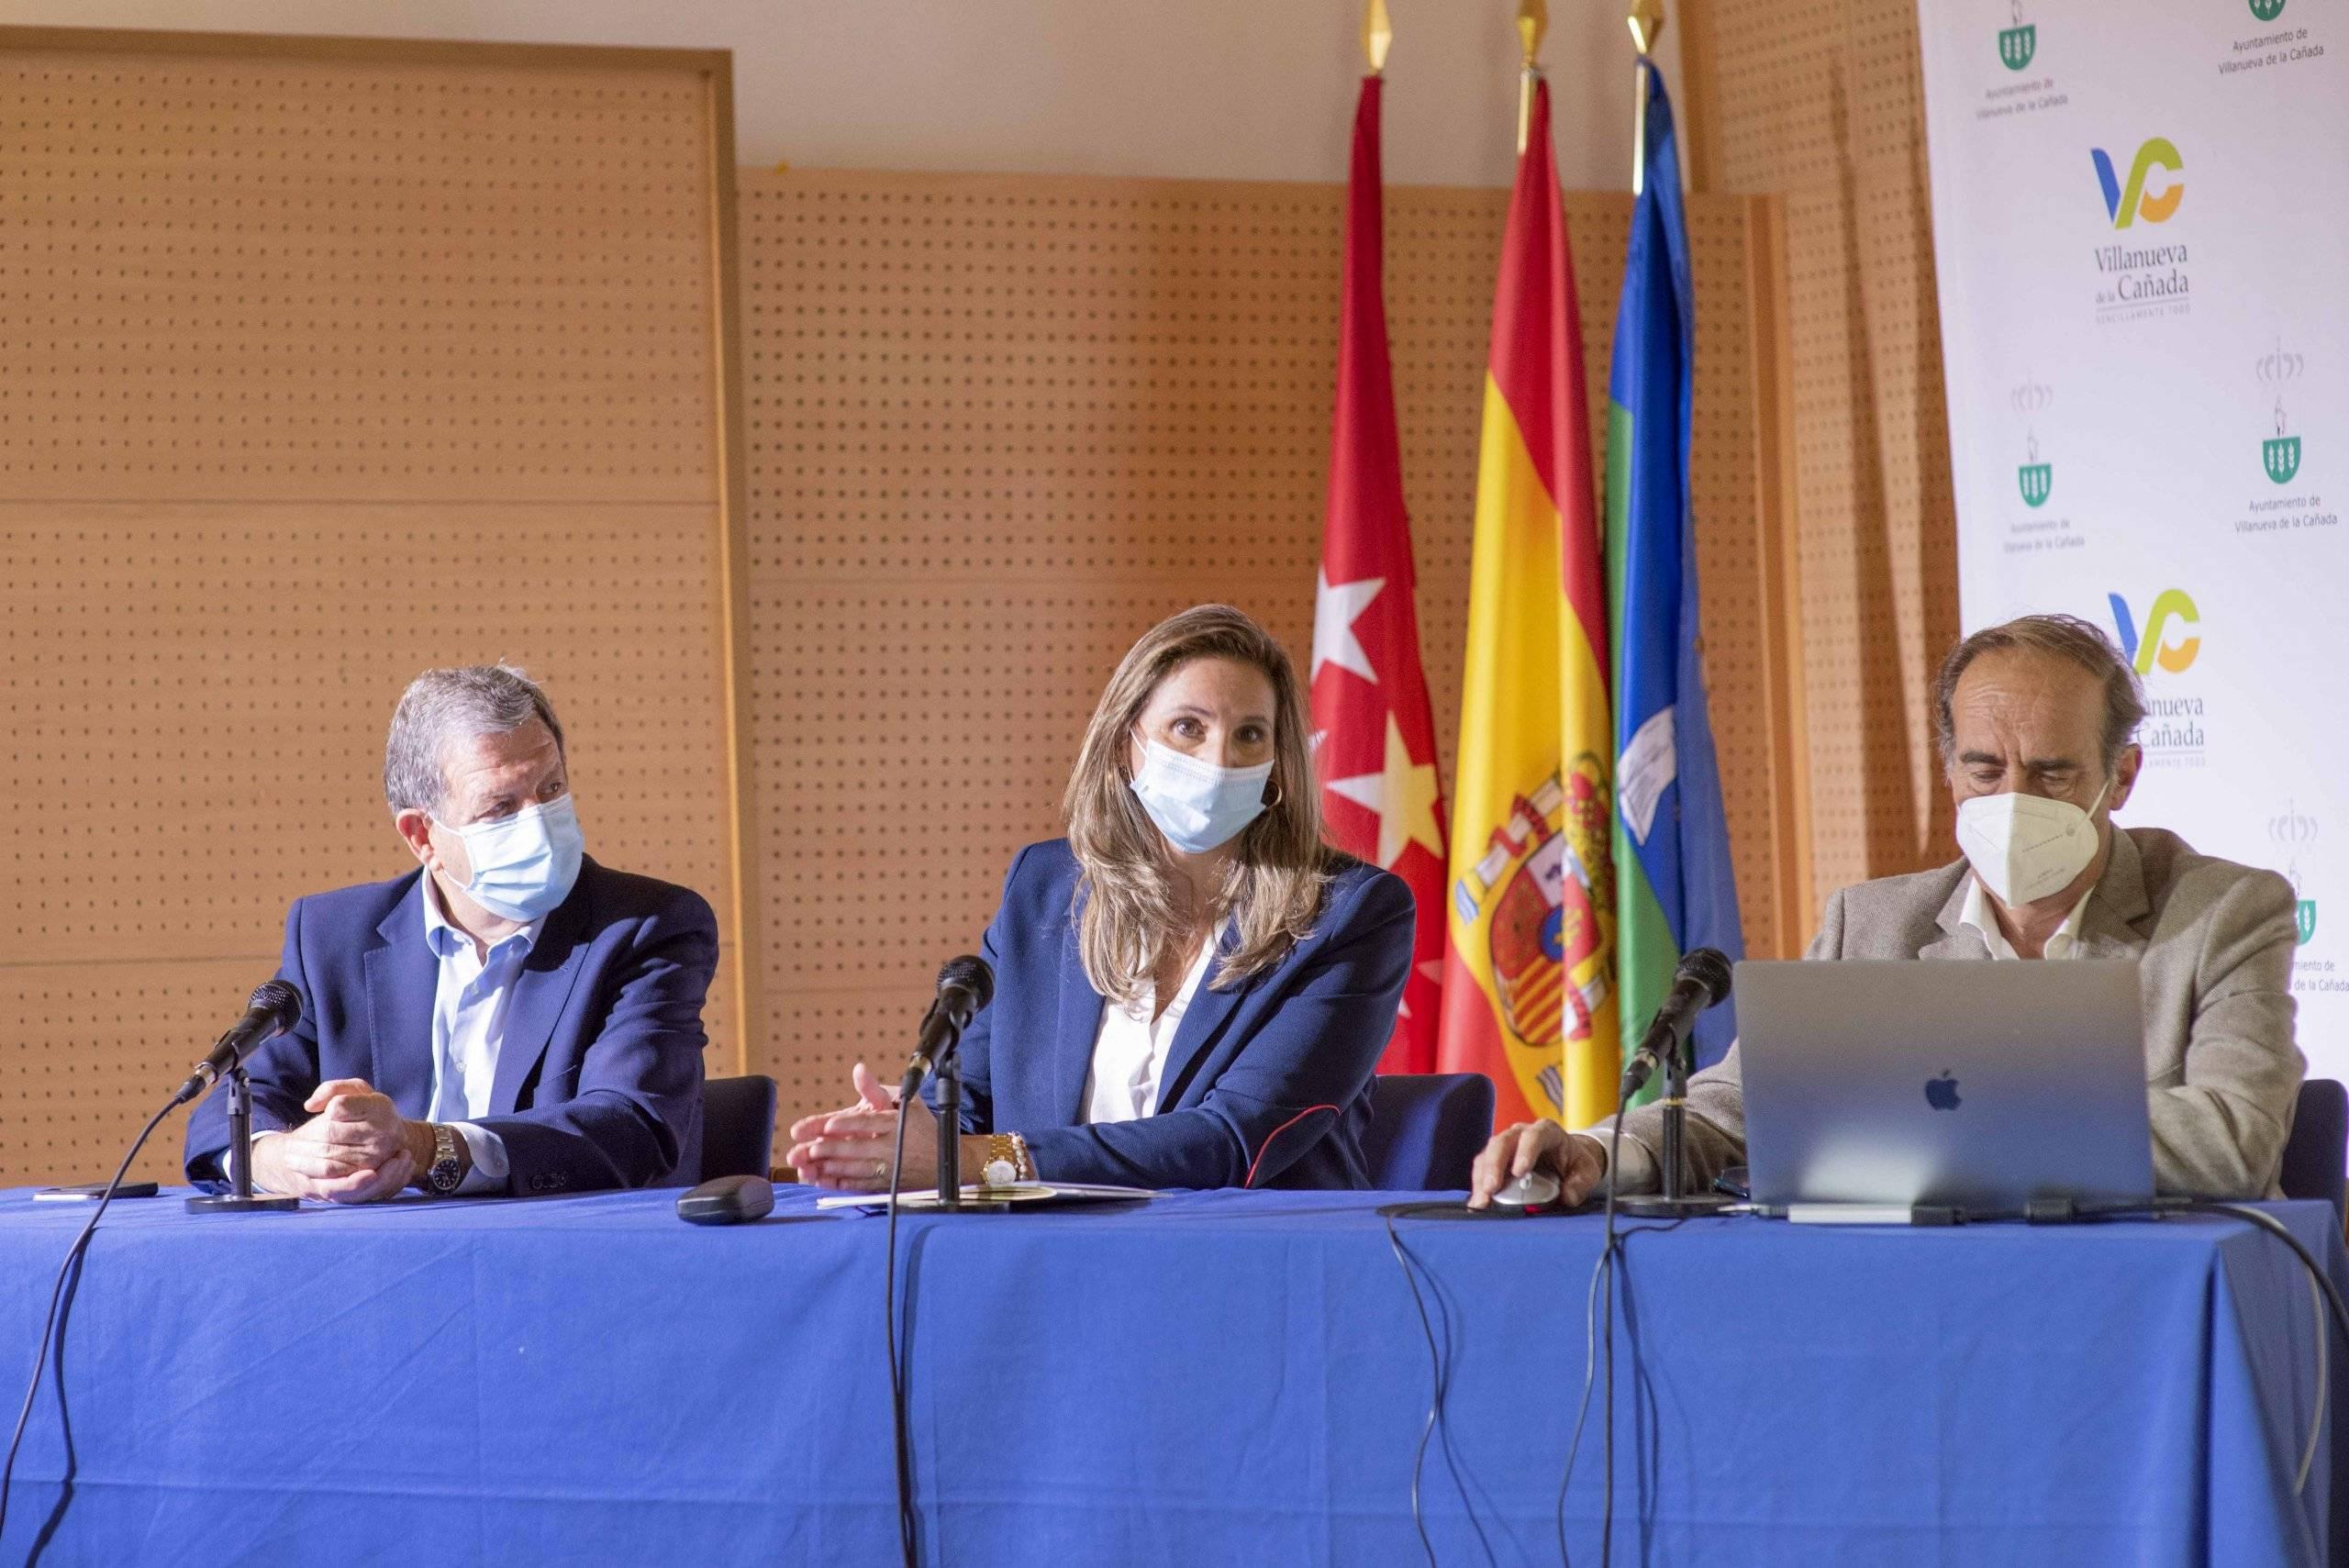 La consejera de Medio Ambiente, Paloma Martín, junto el alcalde, Luis Partida, y director general del Suelo, J. José de Gracia.